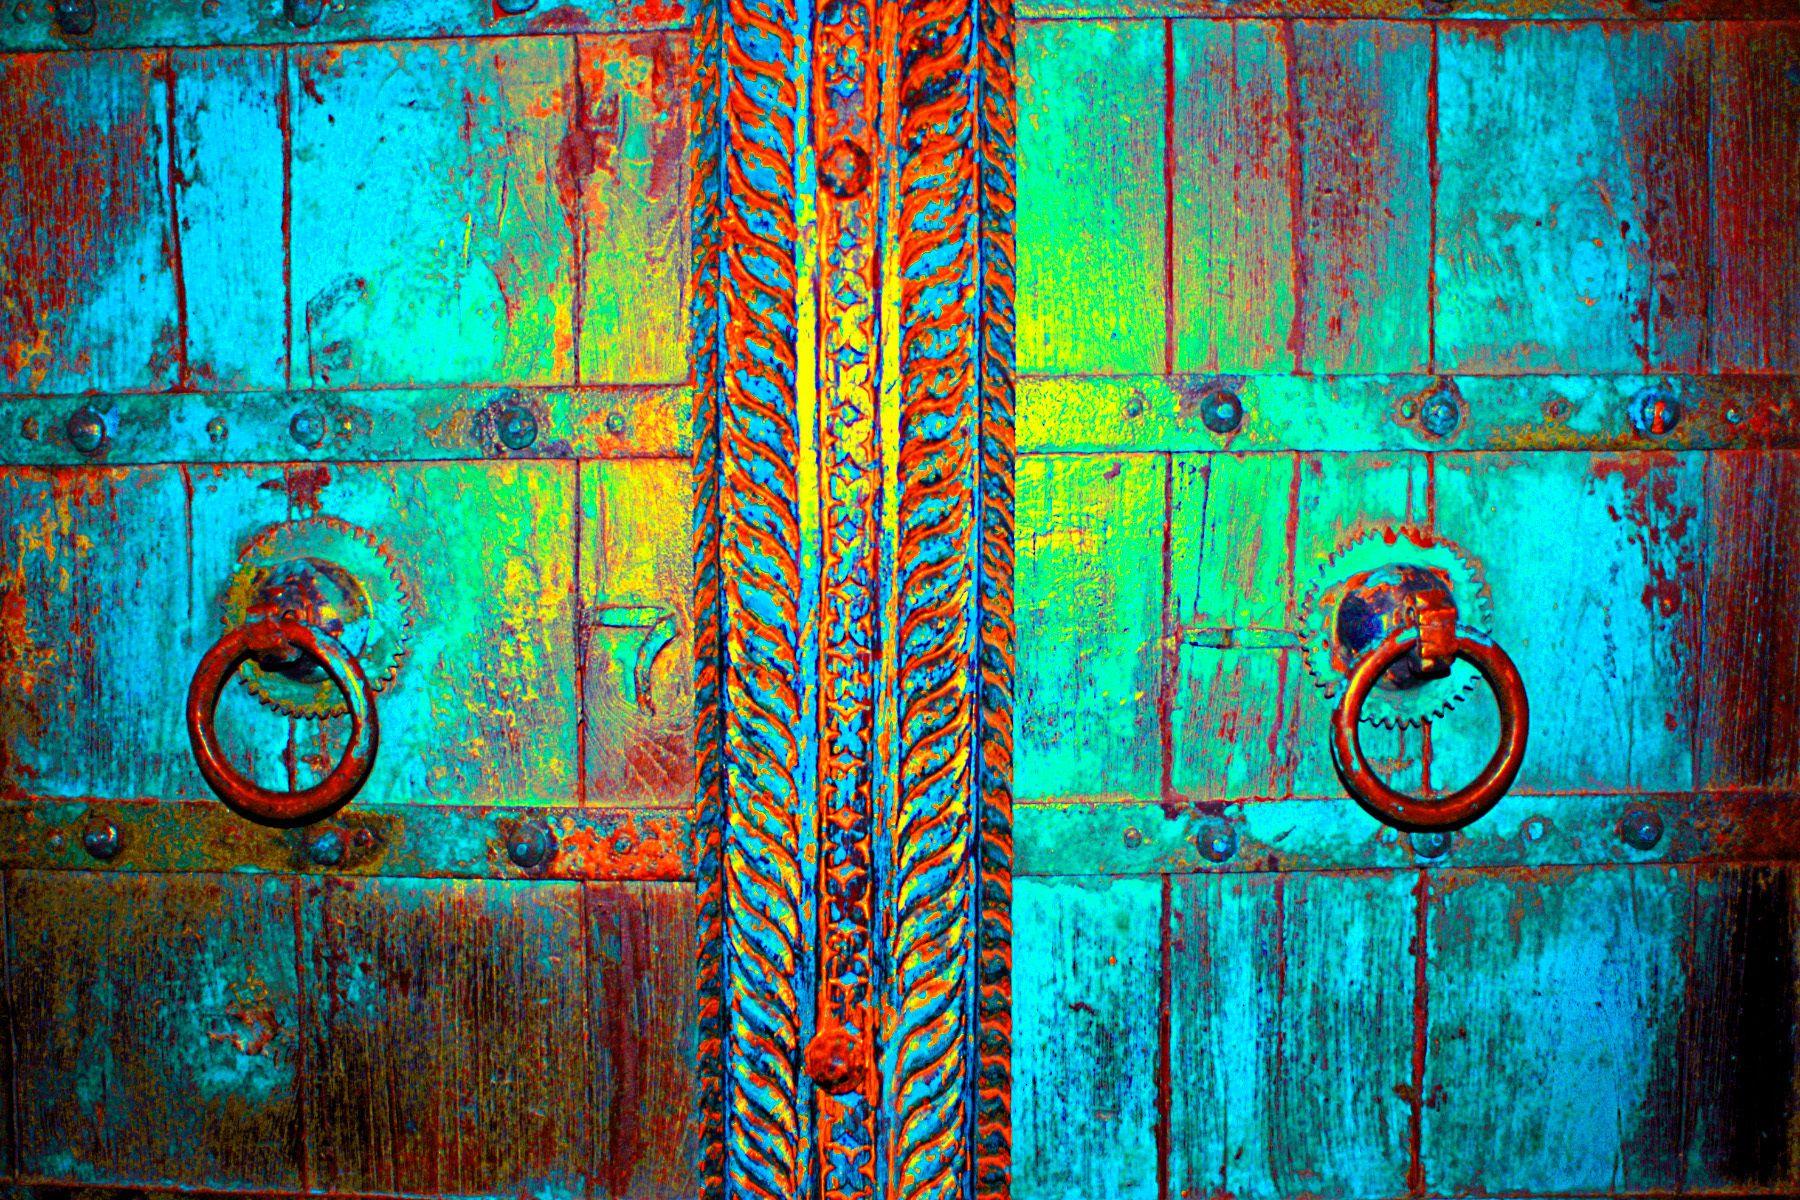 24_0_36_1c_janegottlieb_nm_doors1.jpg